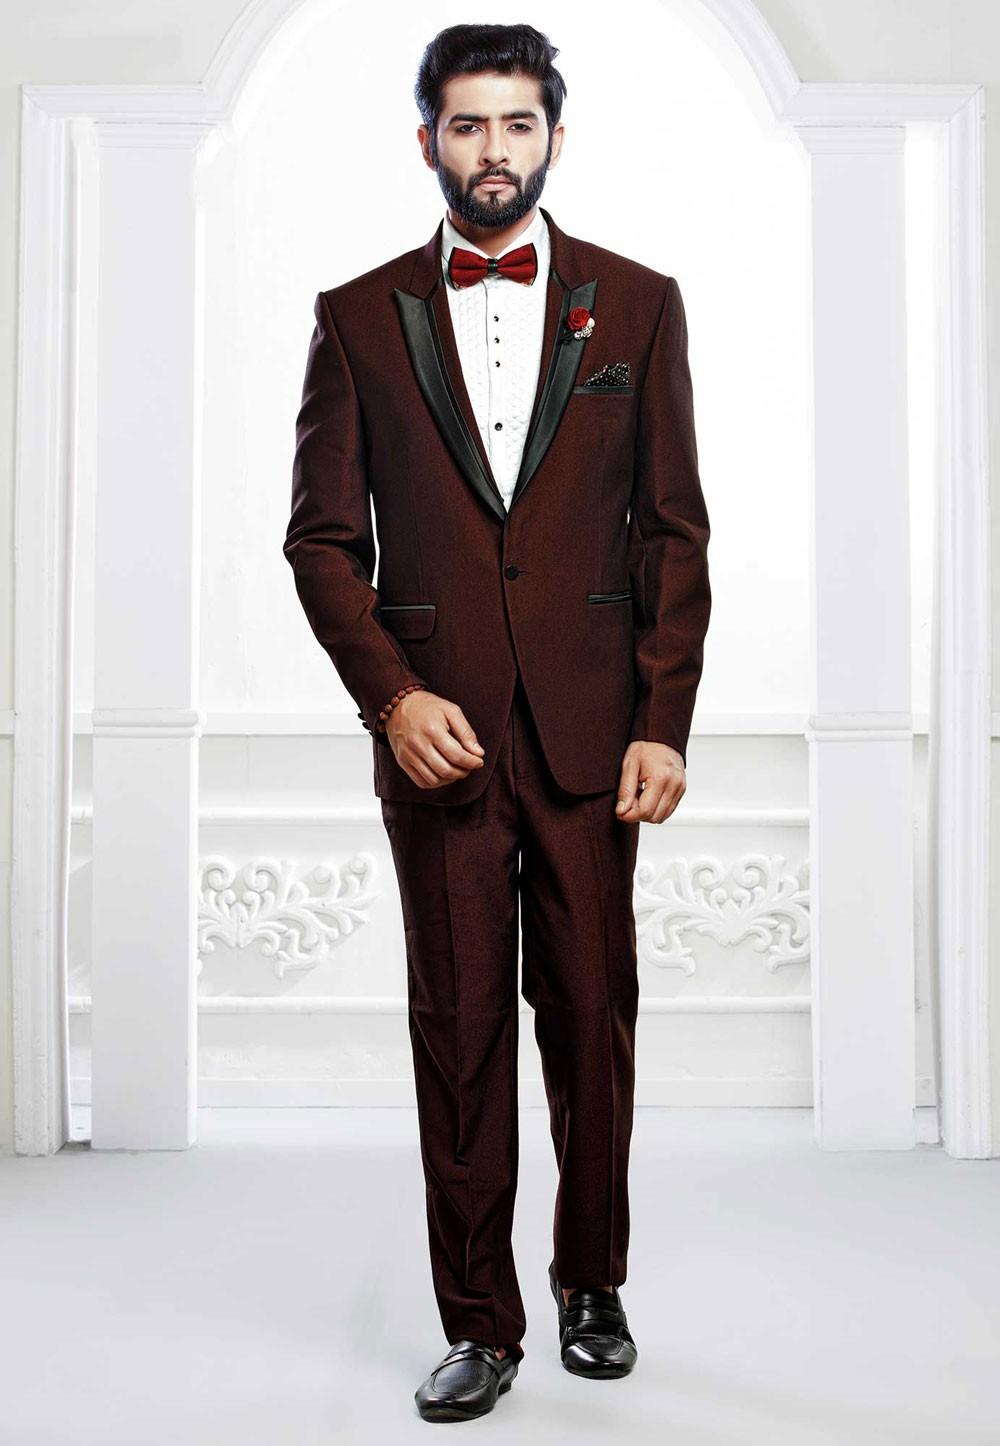 Buy designer suits for men for Indian Wedding